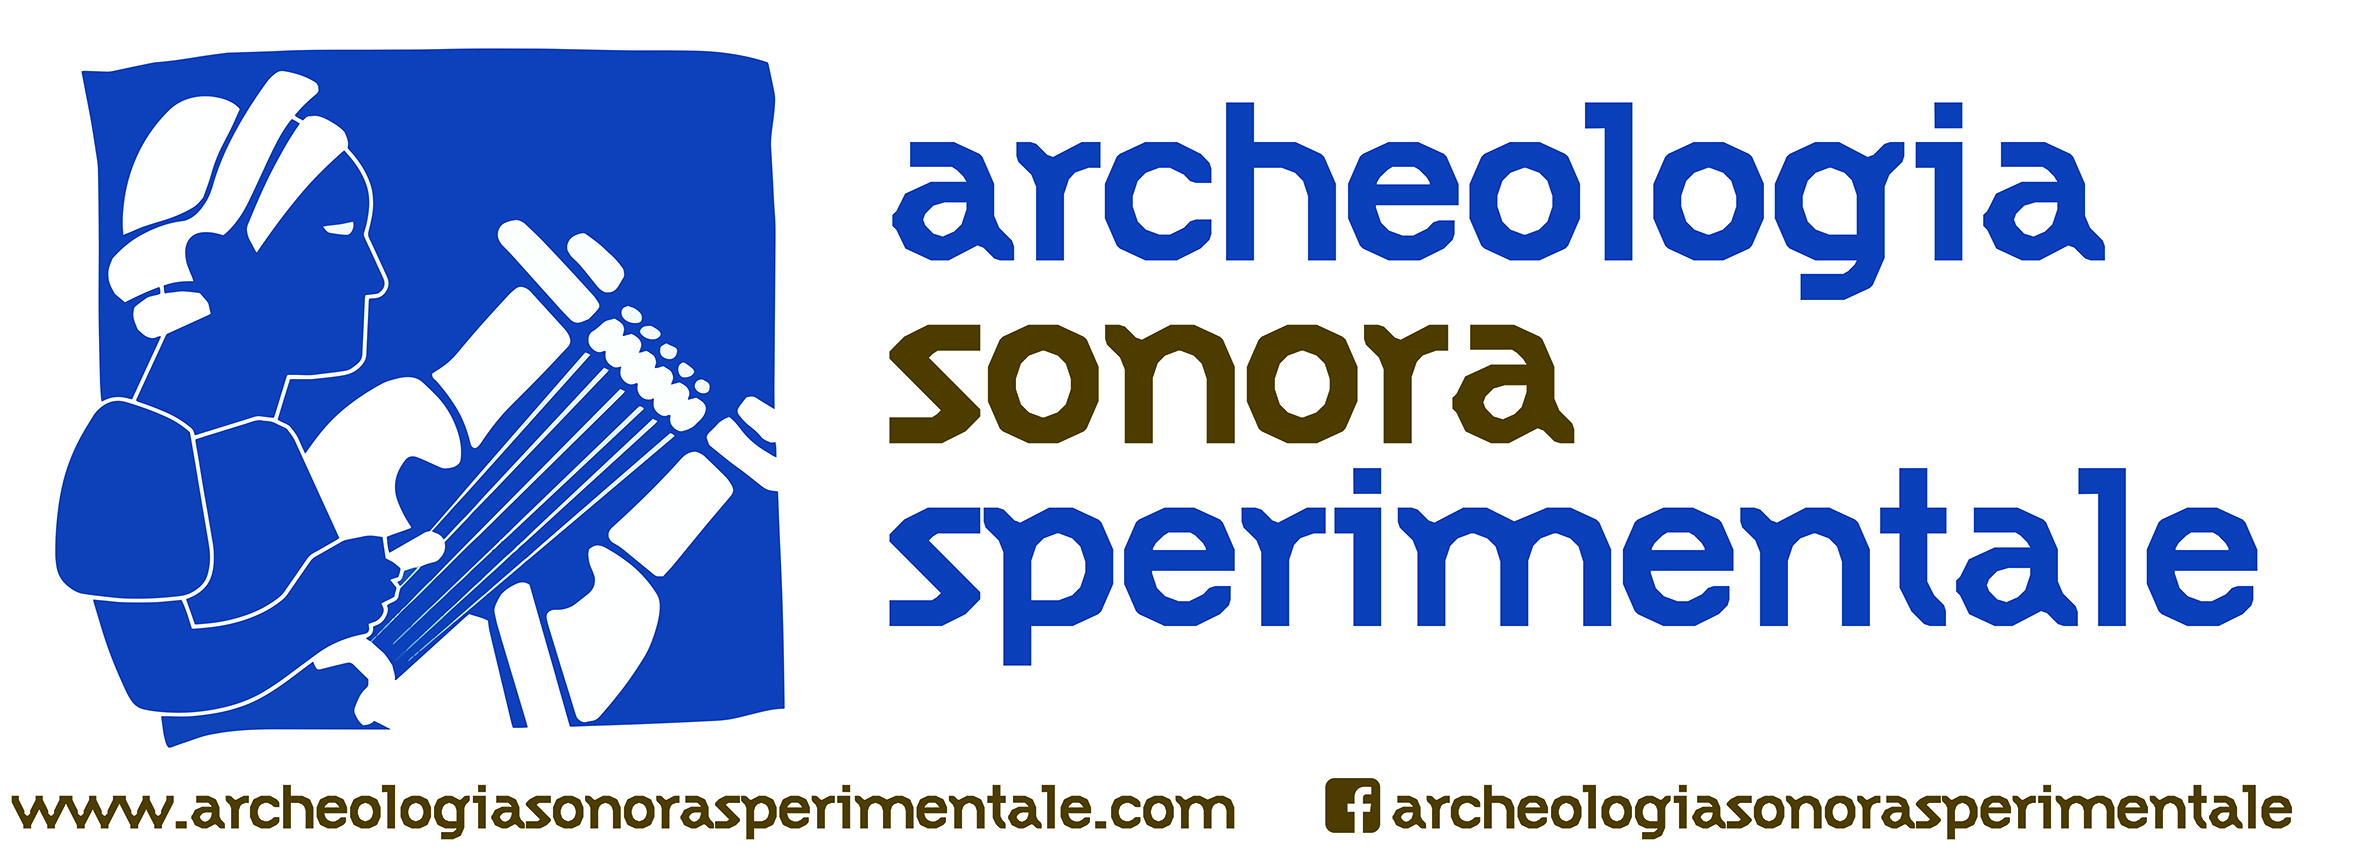 Archeologia Sonora Sperimentale